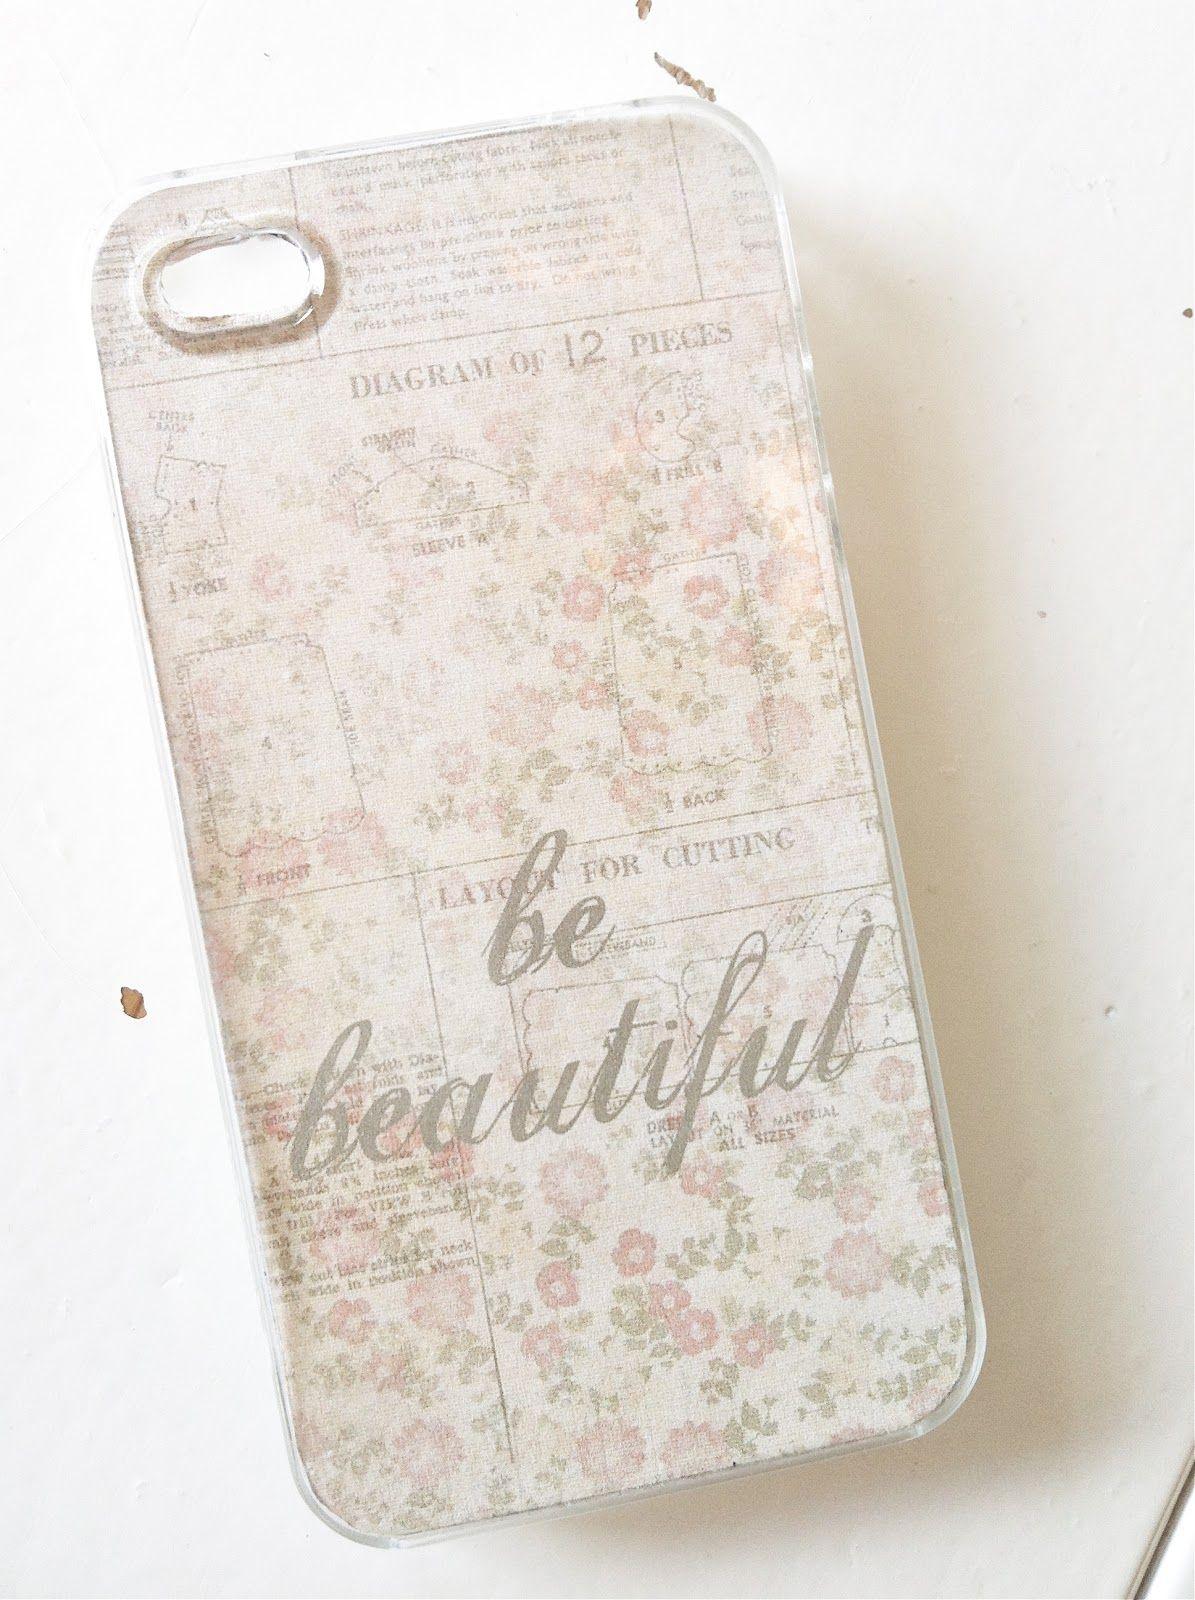 24 Homes: iPhone Case! Om te printen en in een doorzichte case te schuiven! Je eigen brocante smartphone, wat slim!